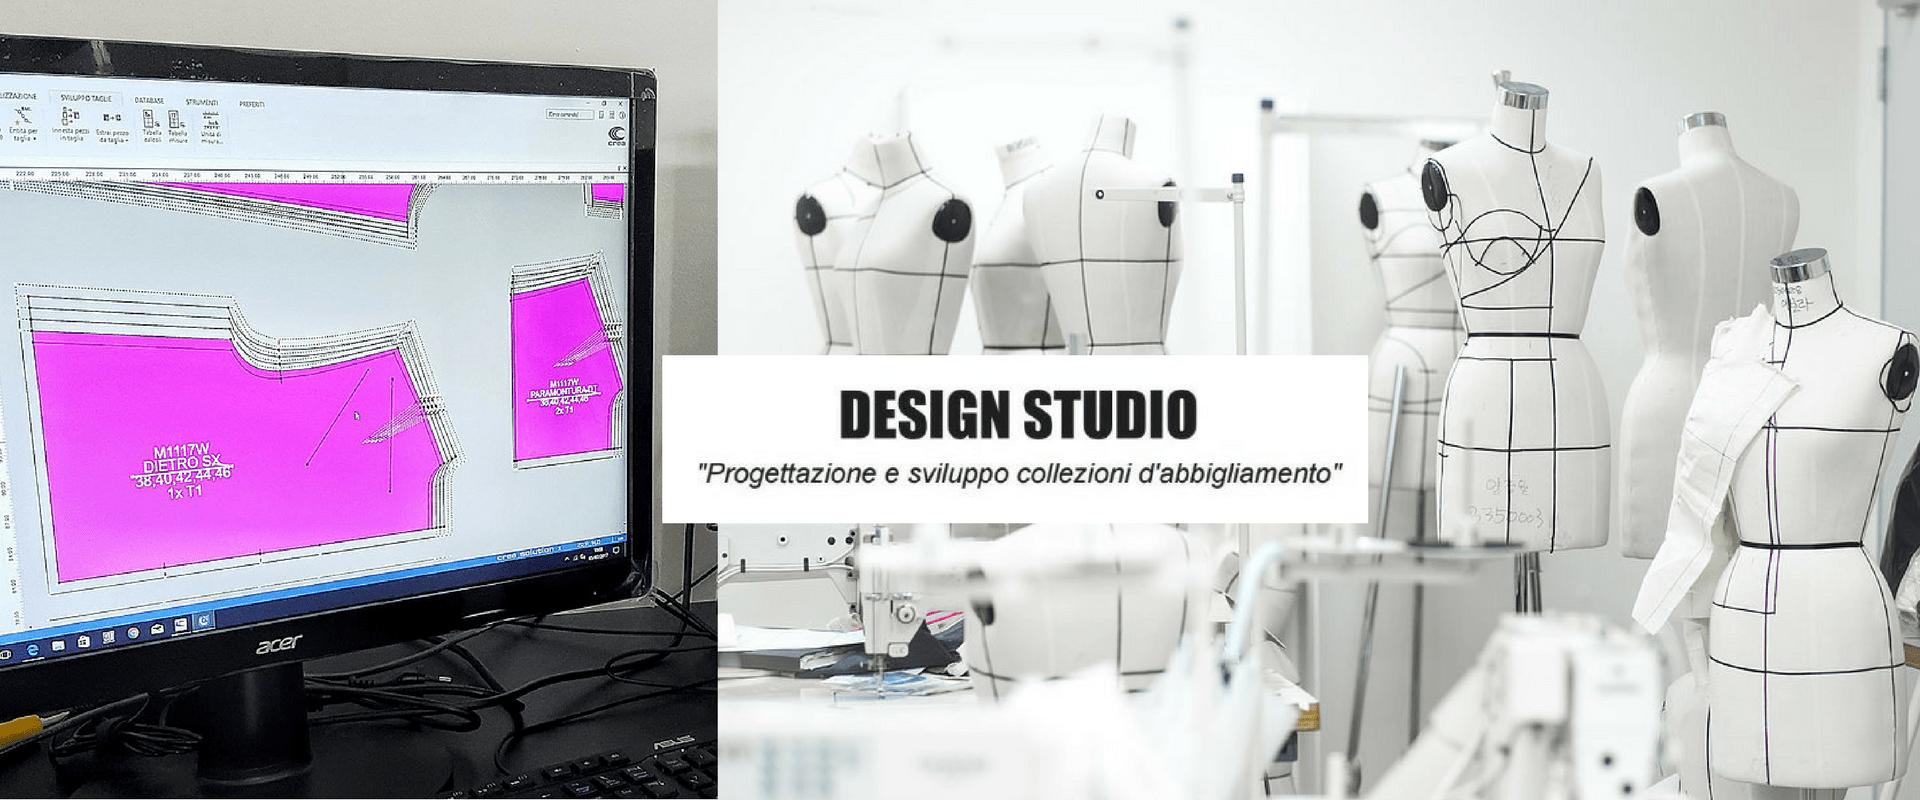 Design studio e crea solution oltre 100 designers for Migliori scuole di design